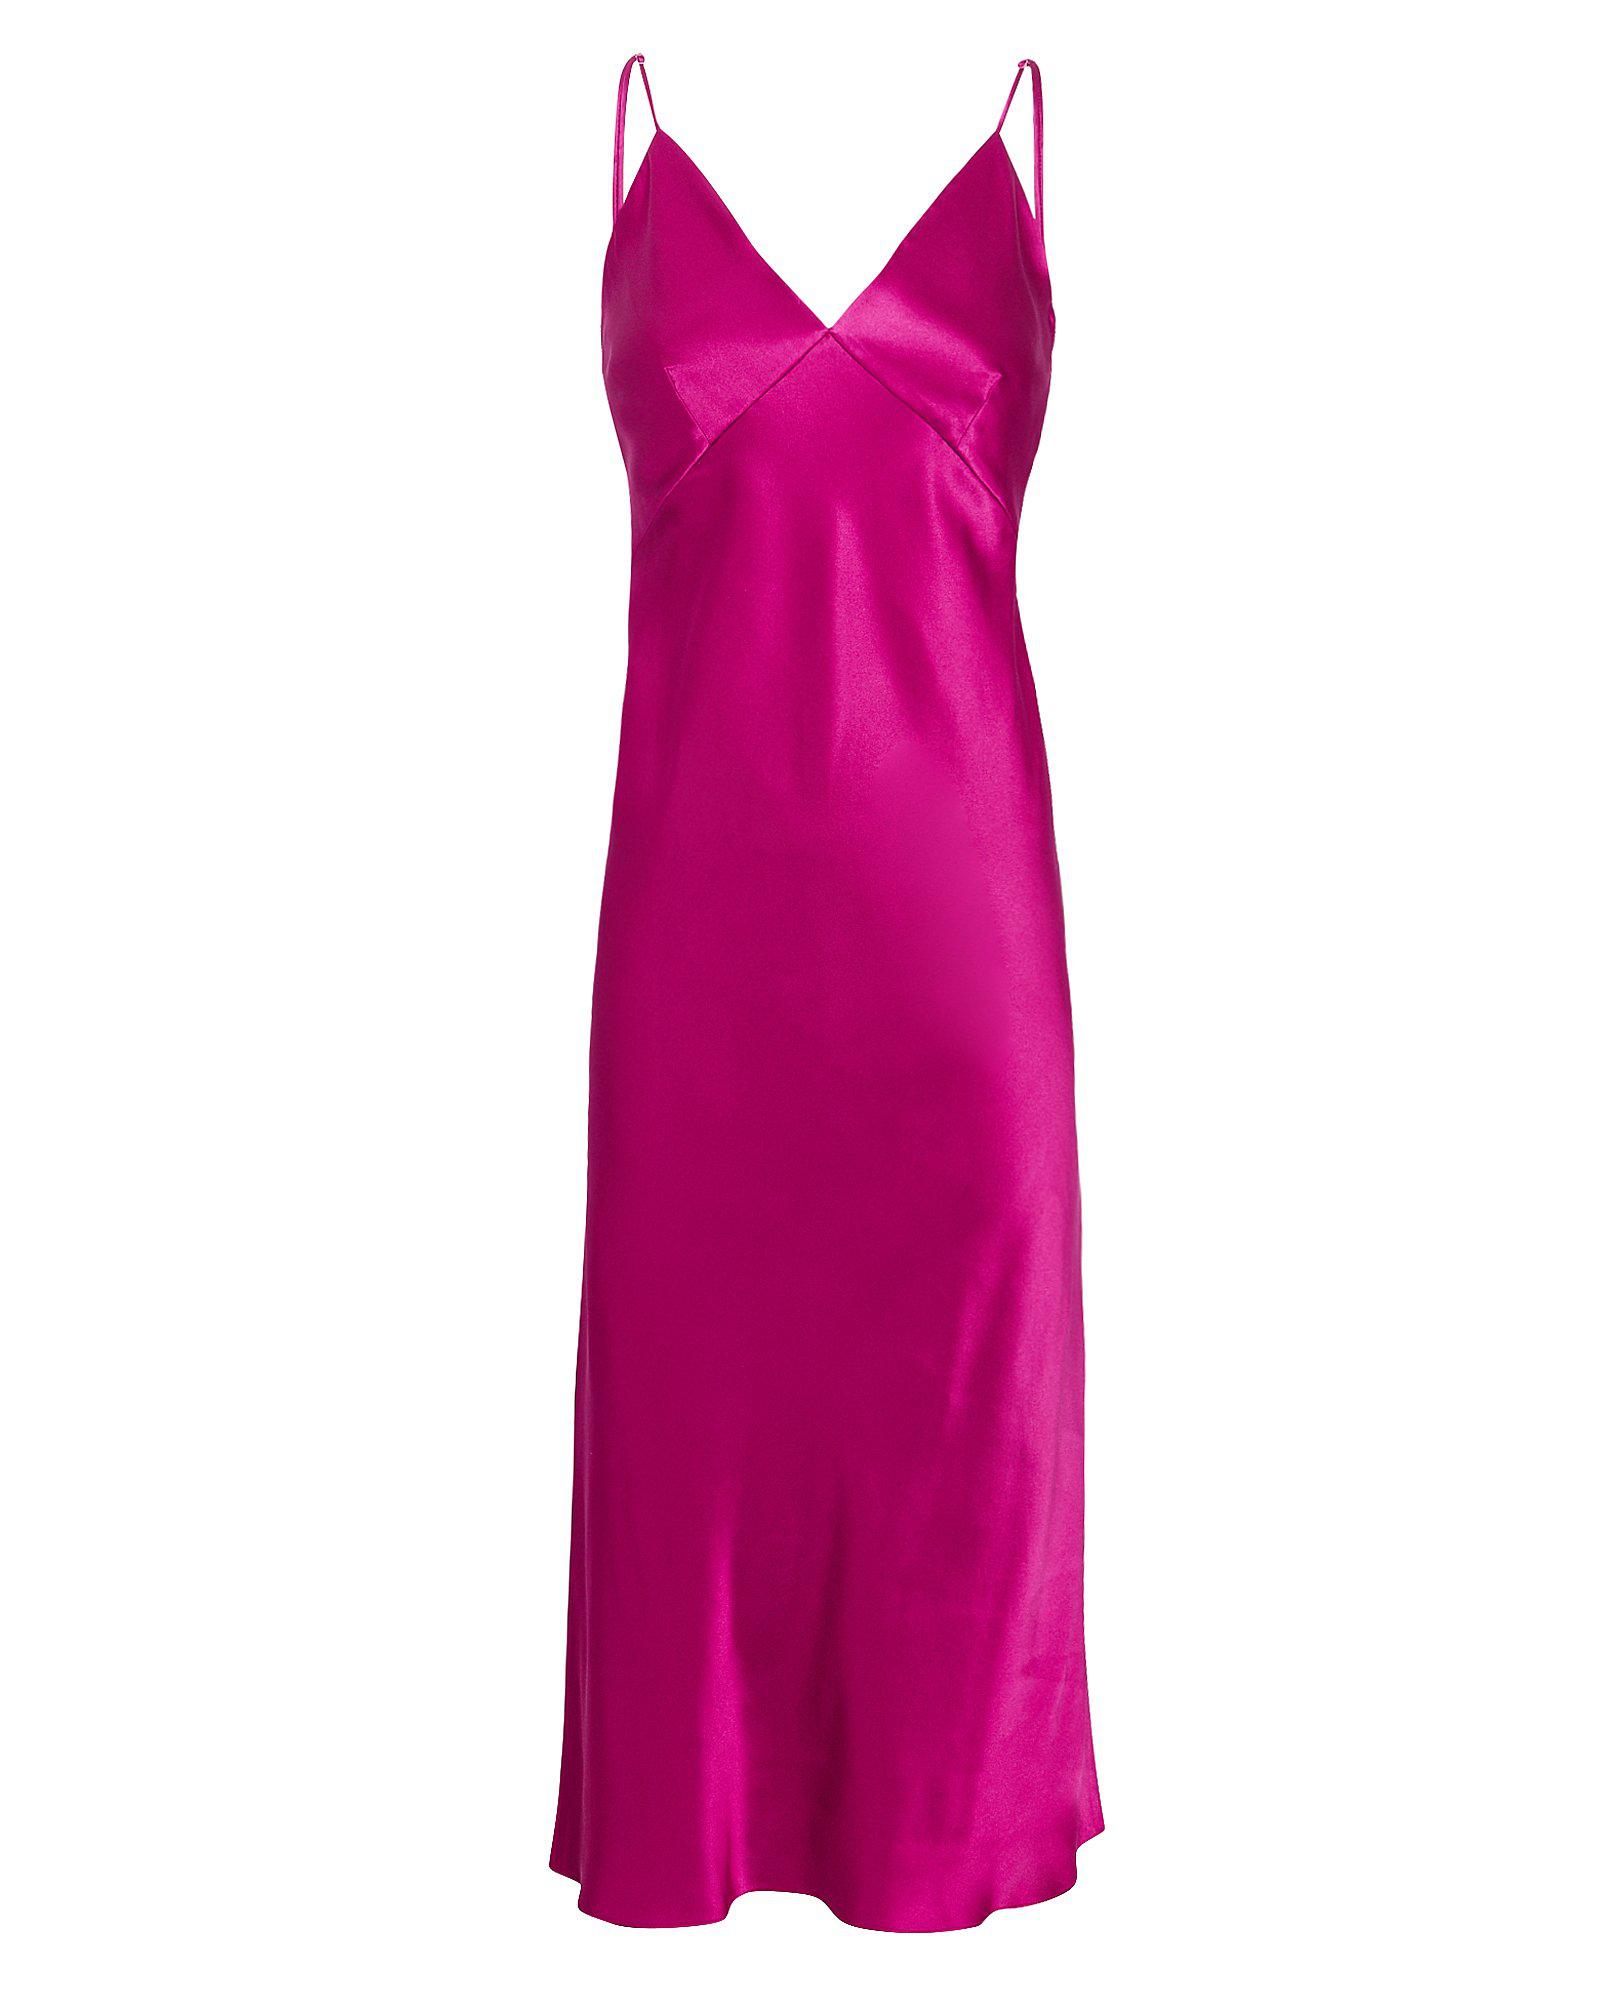 b1e717fe409 Olivia Von Halle Issa Dark Pink Slip Dress In Pink-Drk